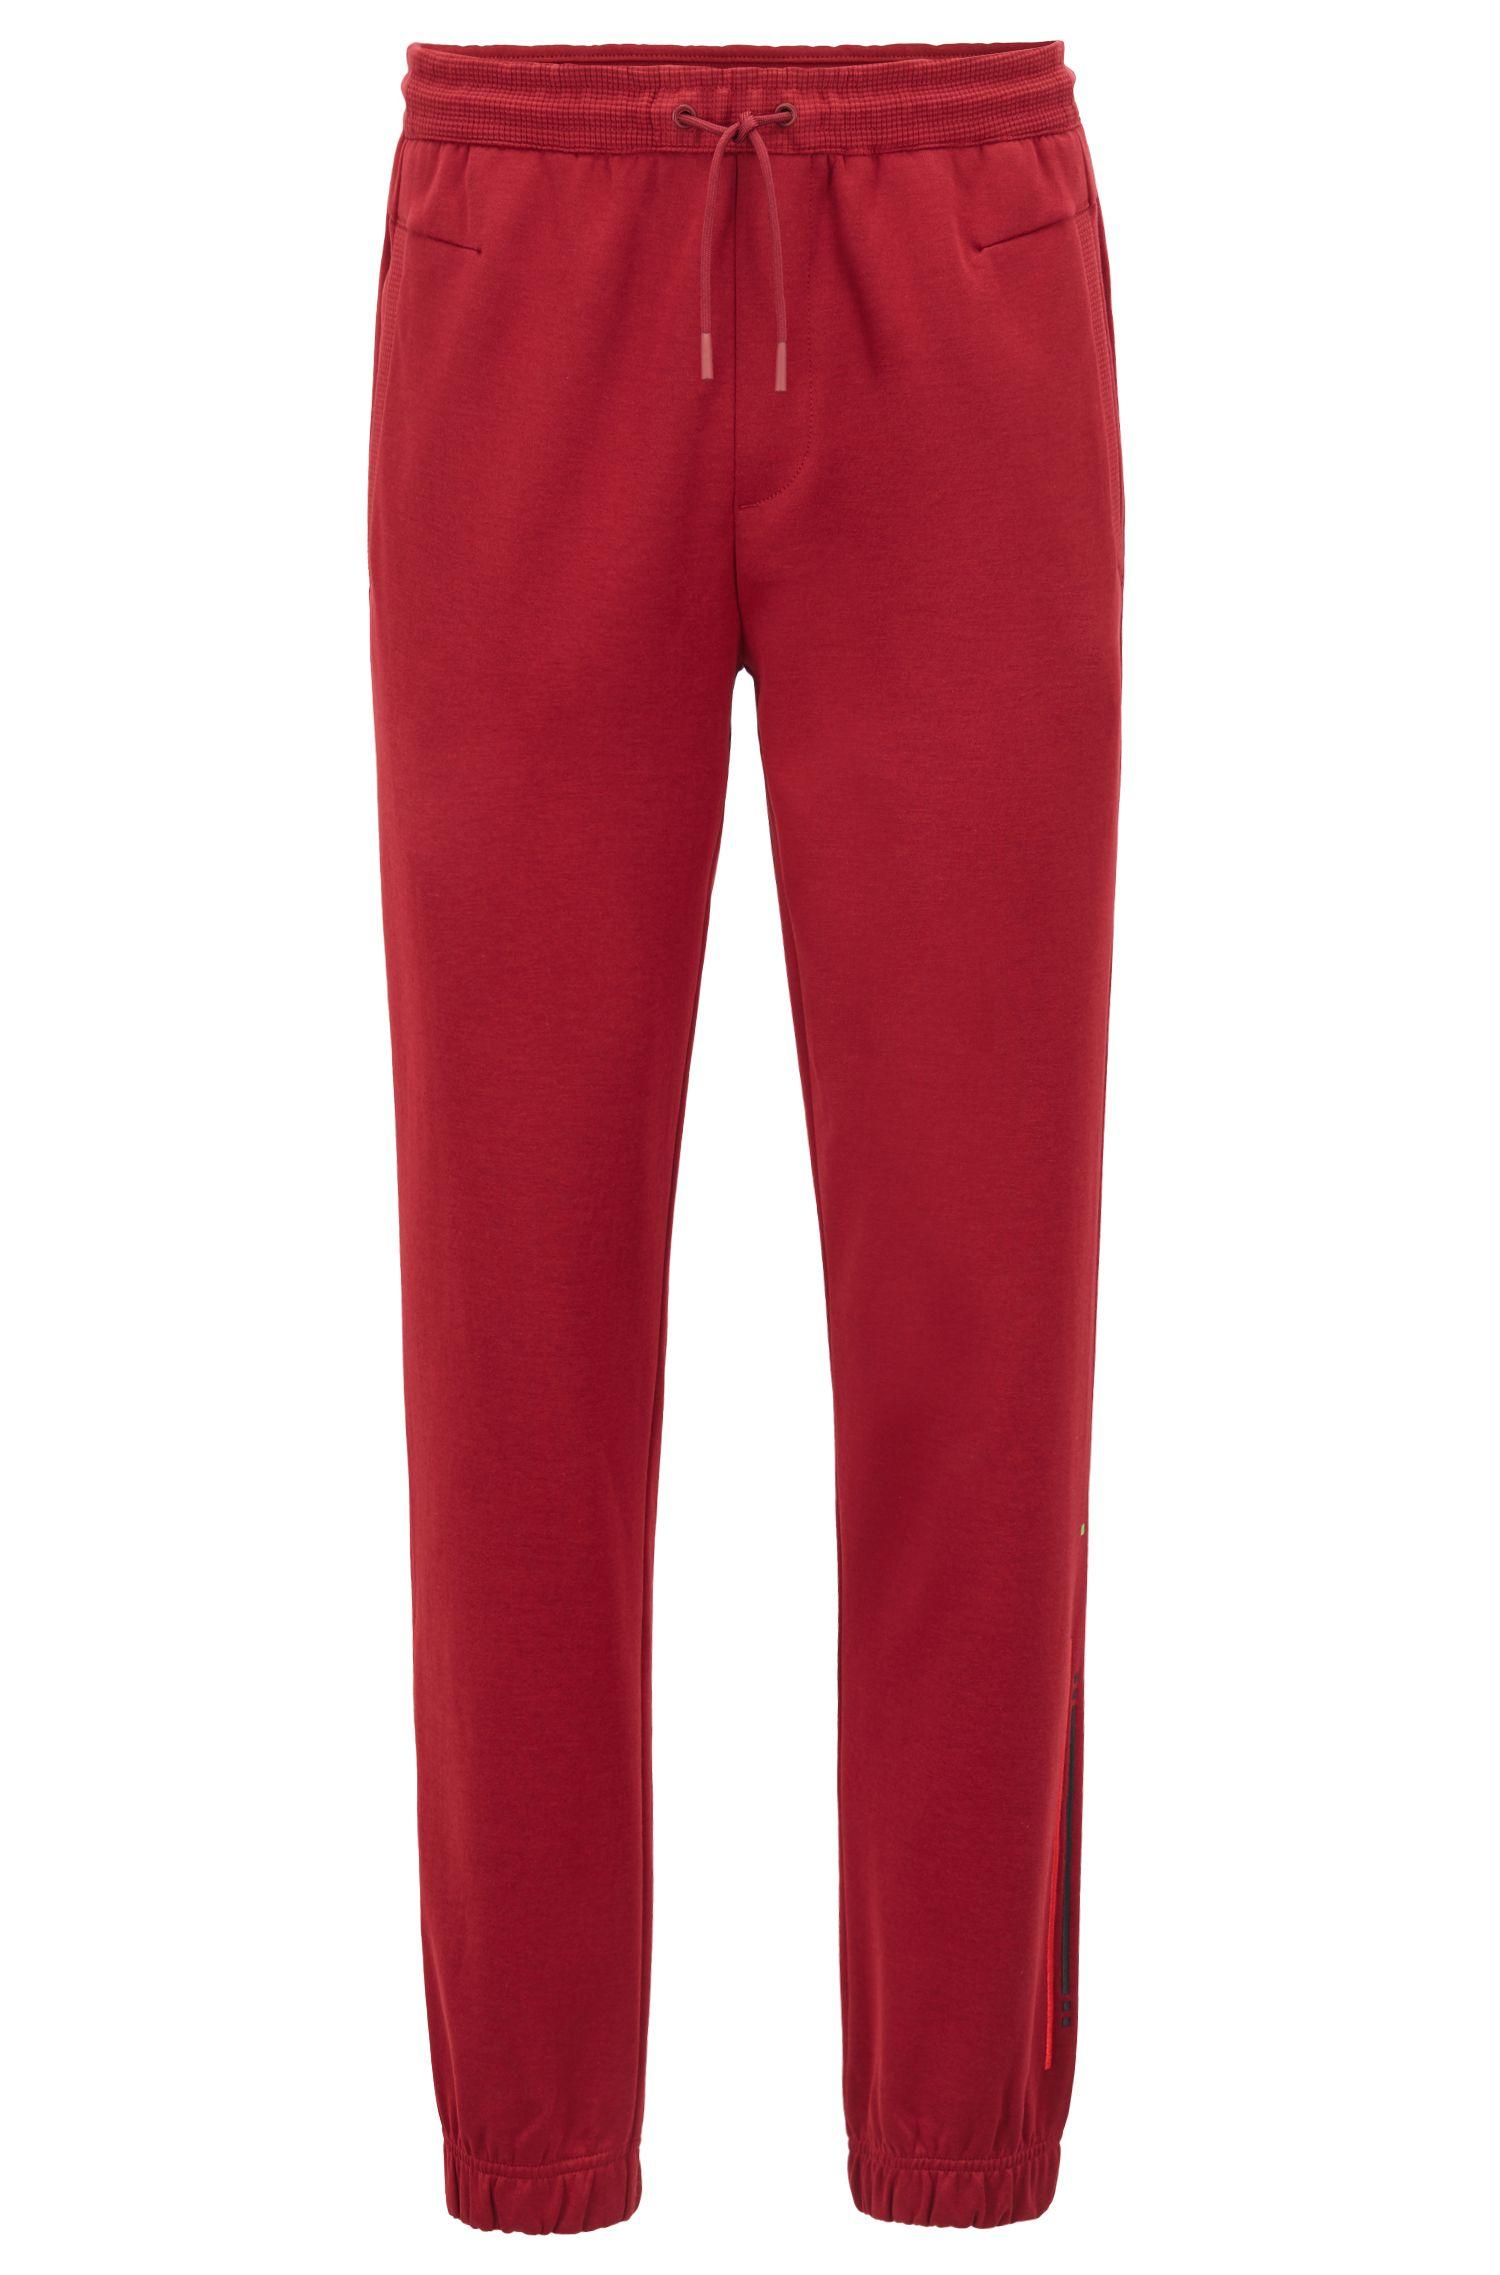 Pantalones de chándal slim fit con puños y raya bordada, Rojo oscuro